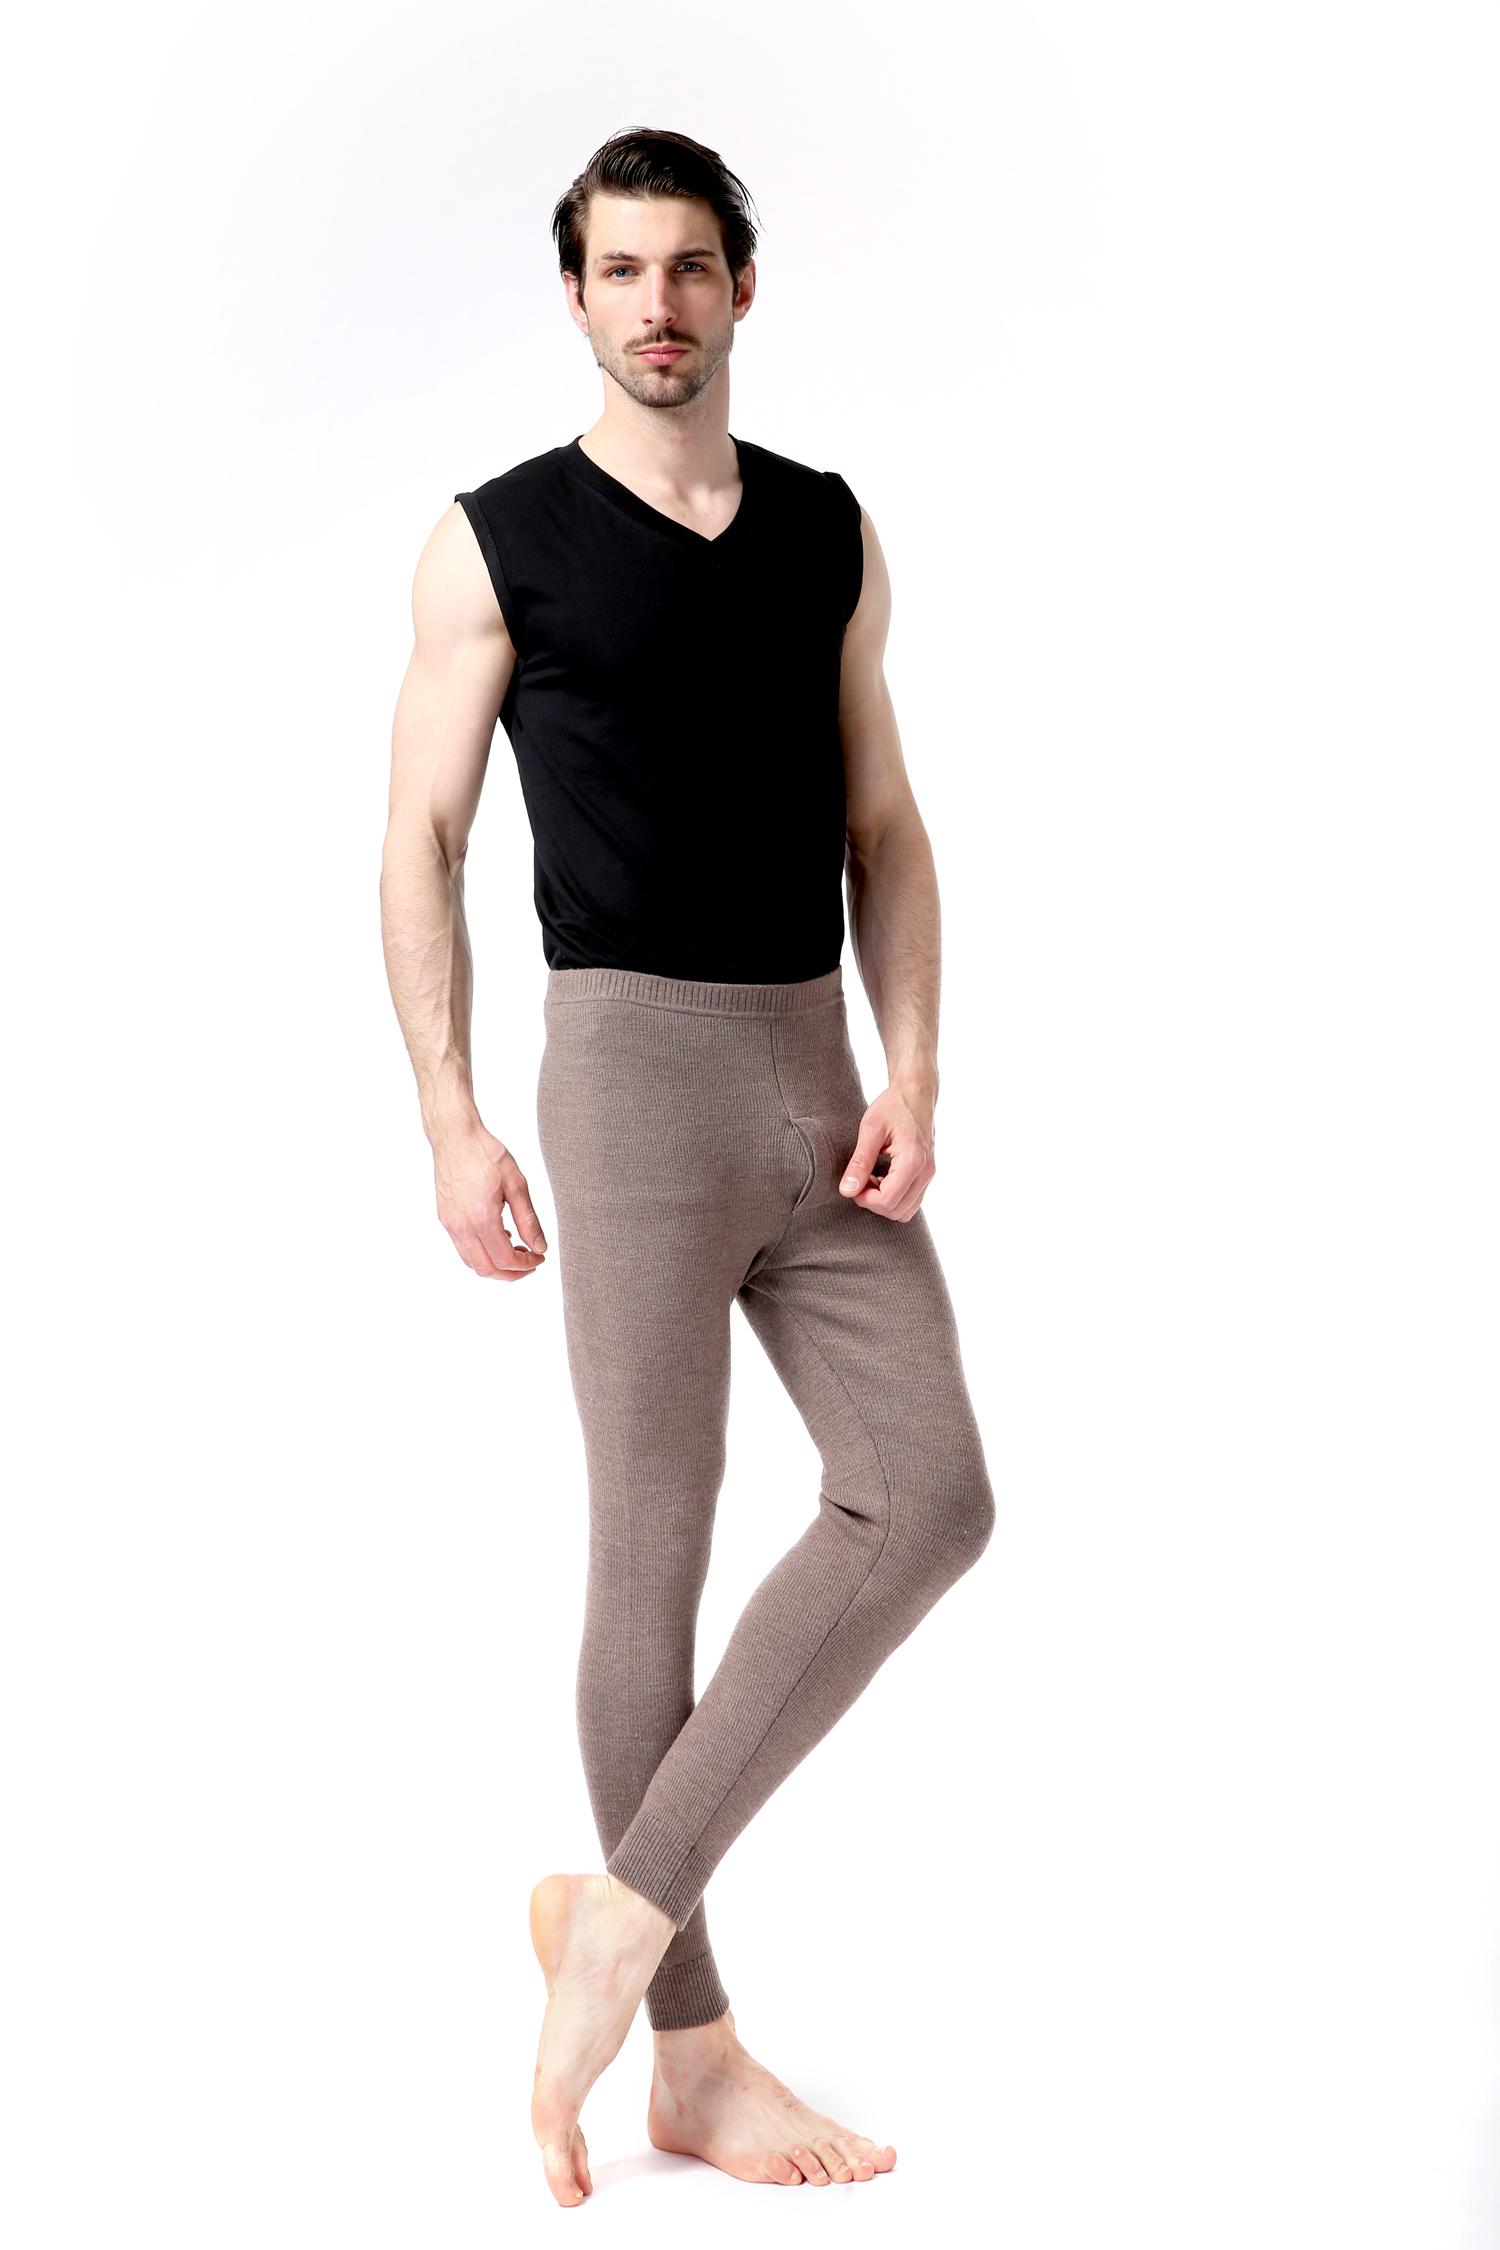 打底裤价位_最超值的都兰诺斯澳毛男抽条裤哪有卖